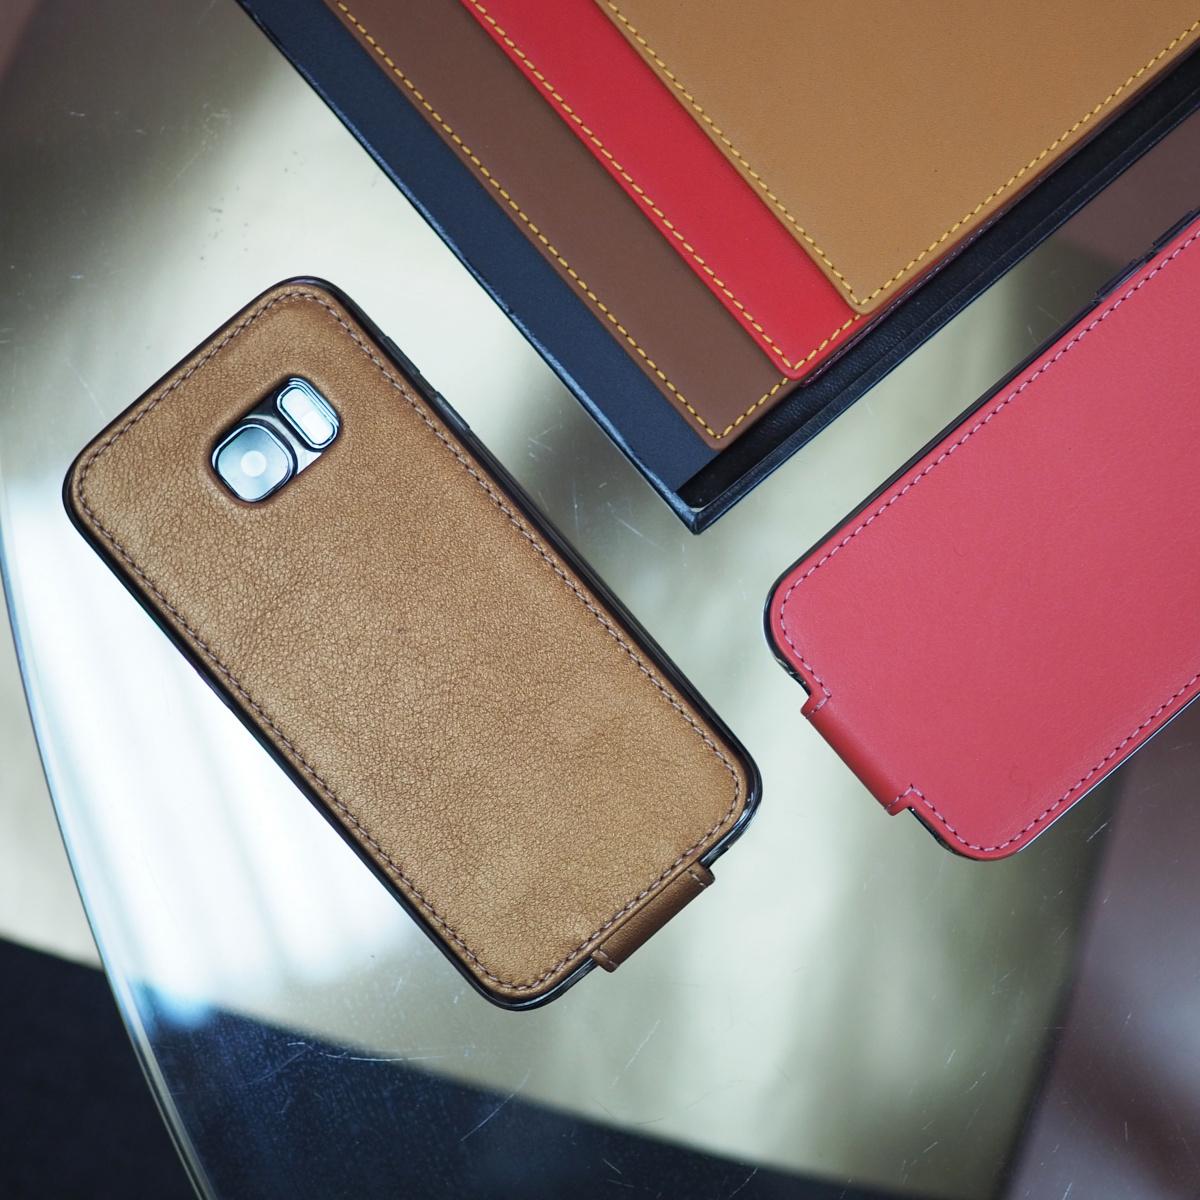 Чехол для Samsung Galaxy S7 из натуральной кожи теленка, медного цвета